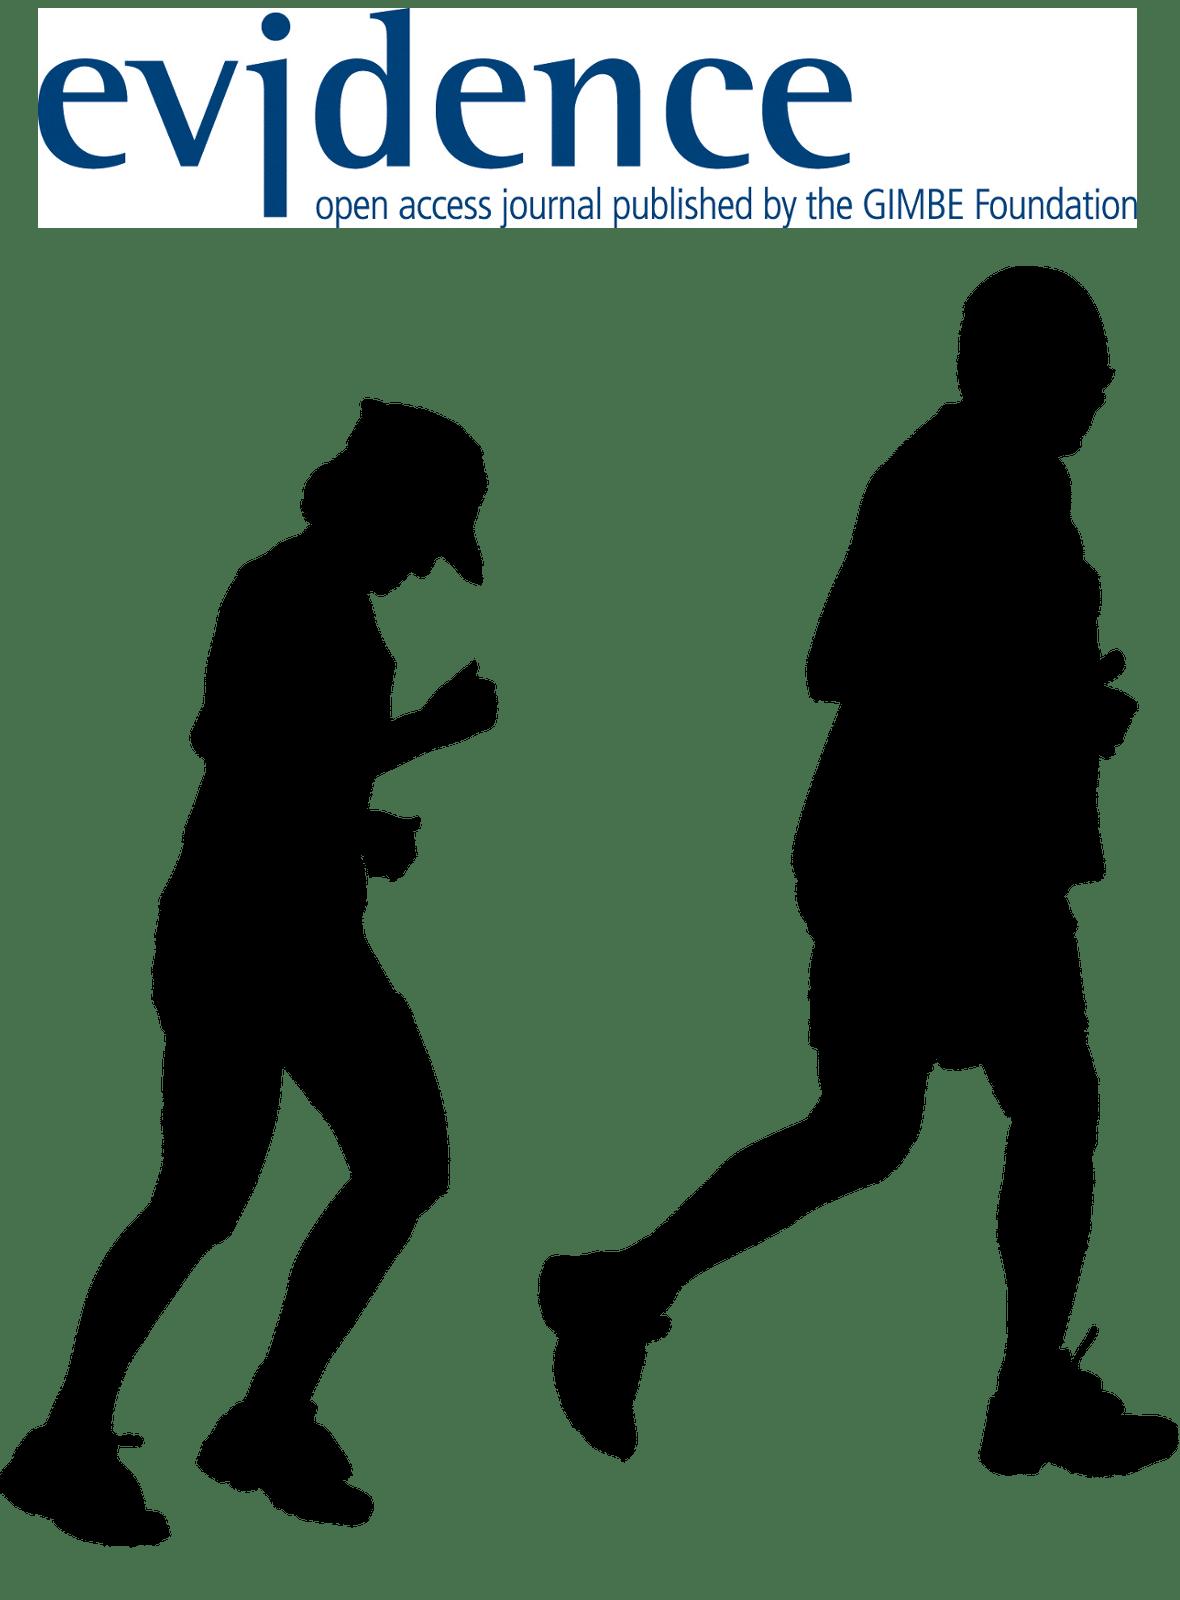 lineeguida esercizio fisico